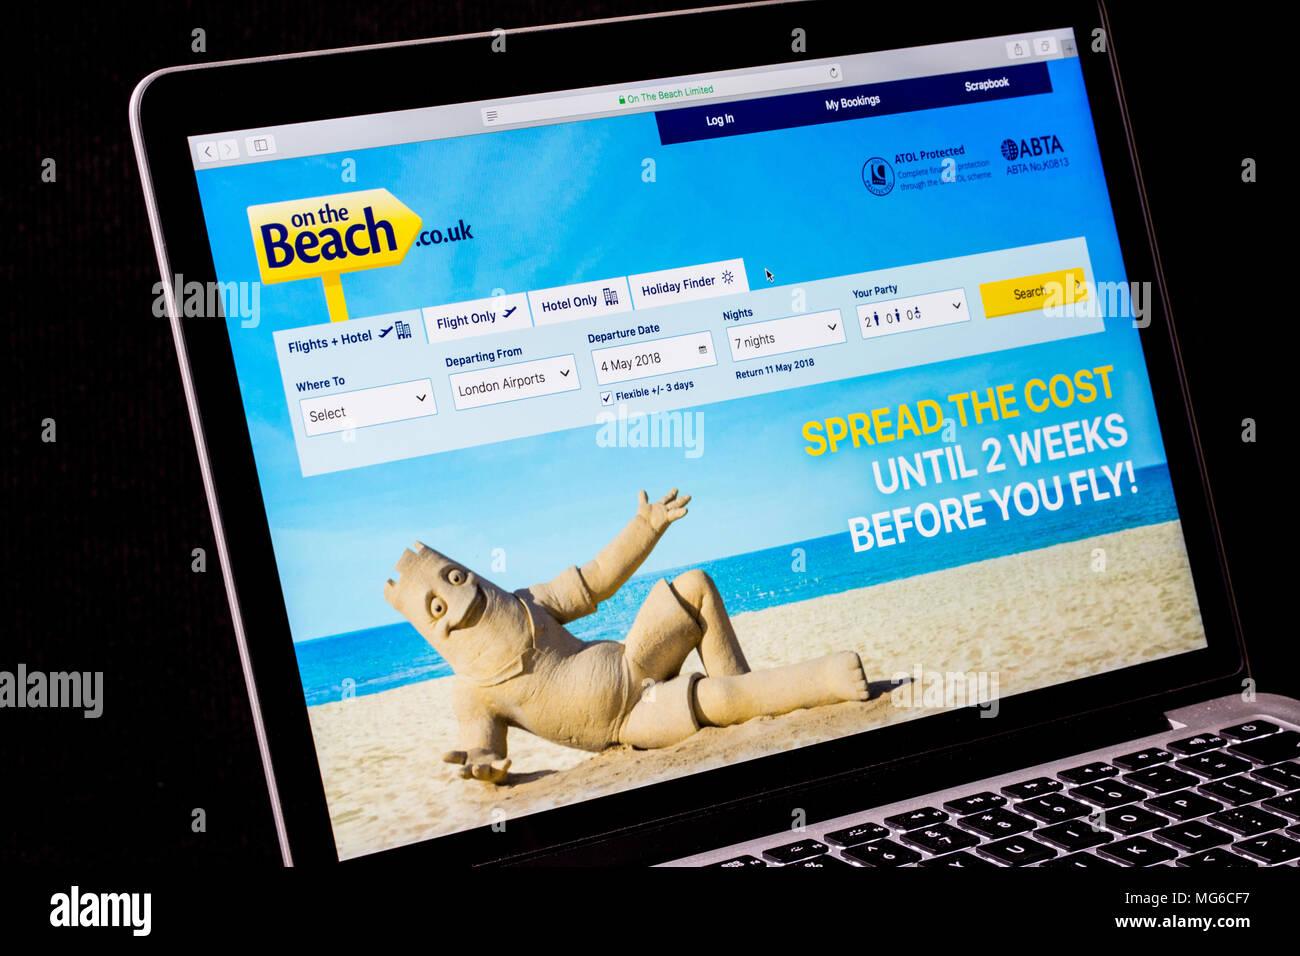 Sur la plage voyages site sur un ordinateur portable Photo Stock